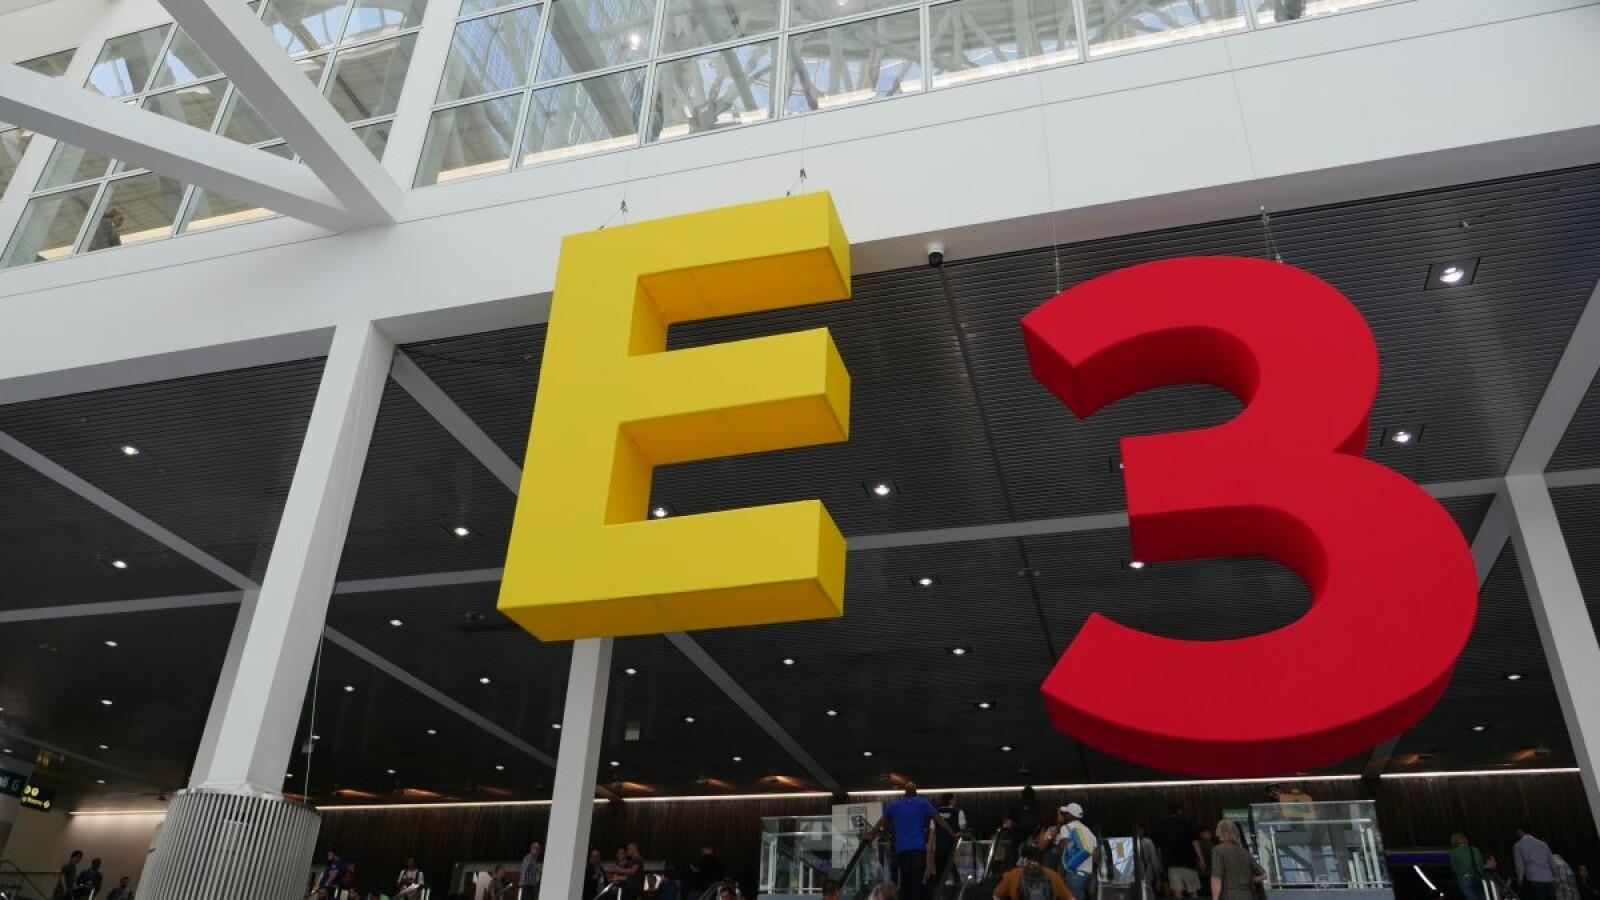 任天堂、微软、育碧将参加今年的E3 但索尼和EA不会参加